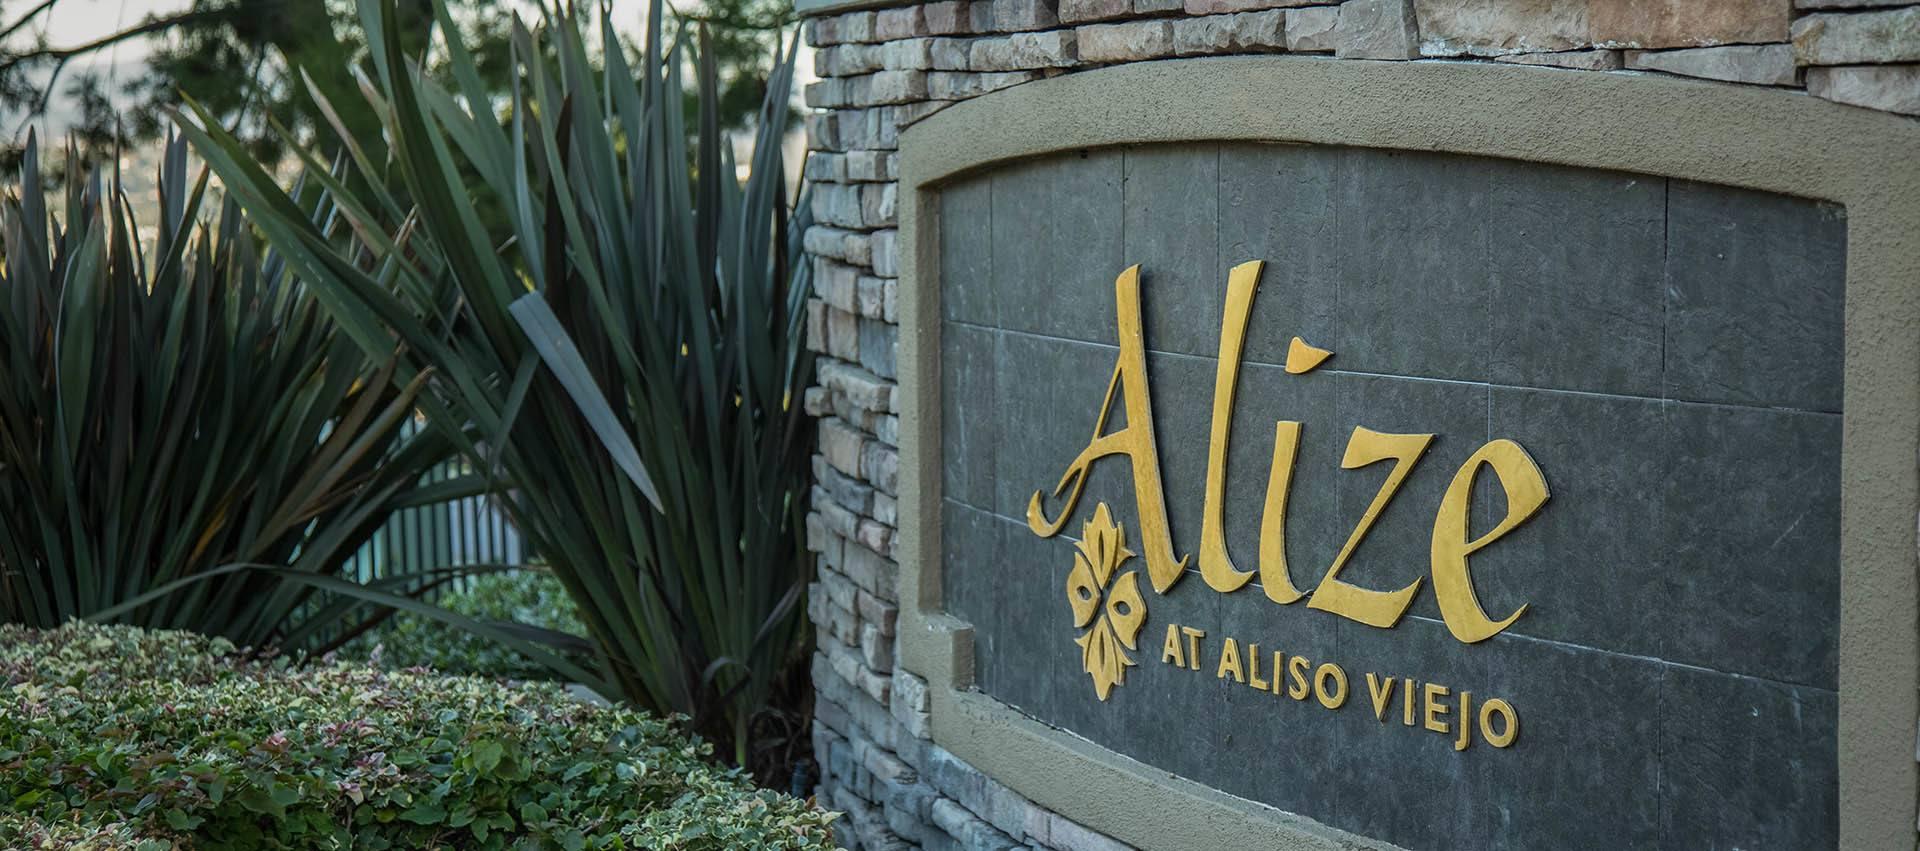 Alize At Aliso Viejo signage in Aliso Viejo, CA